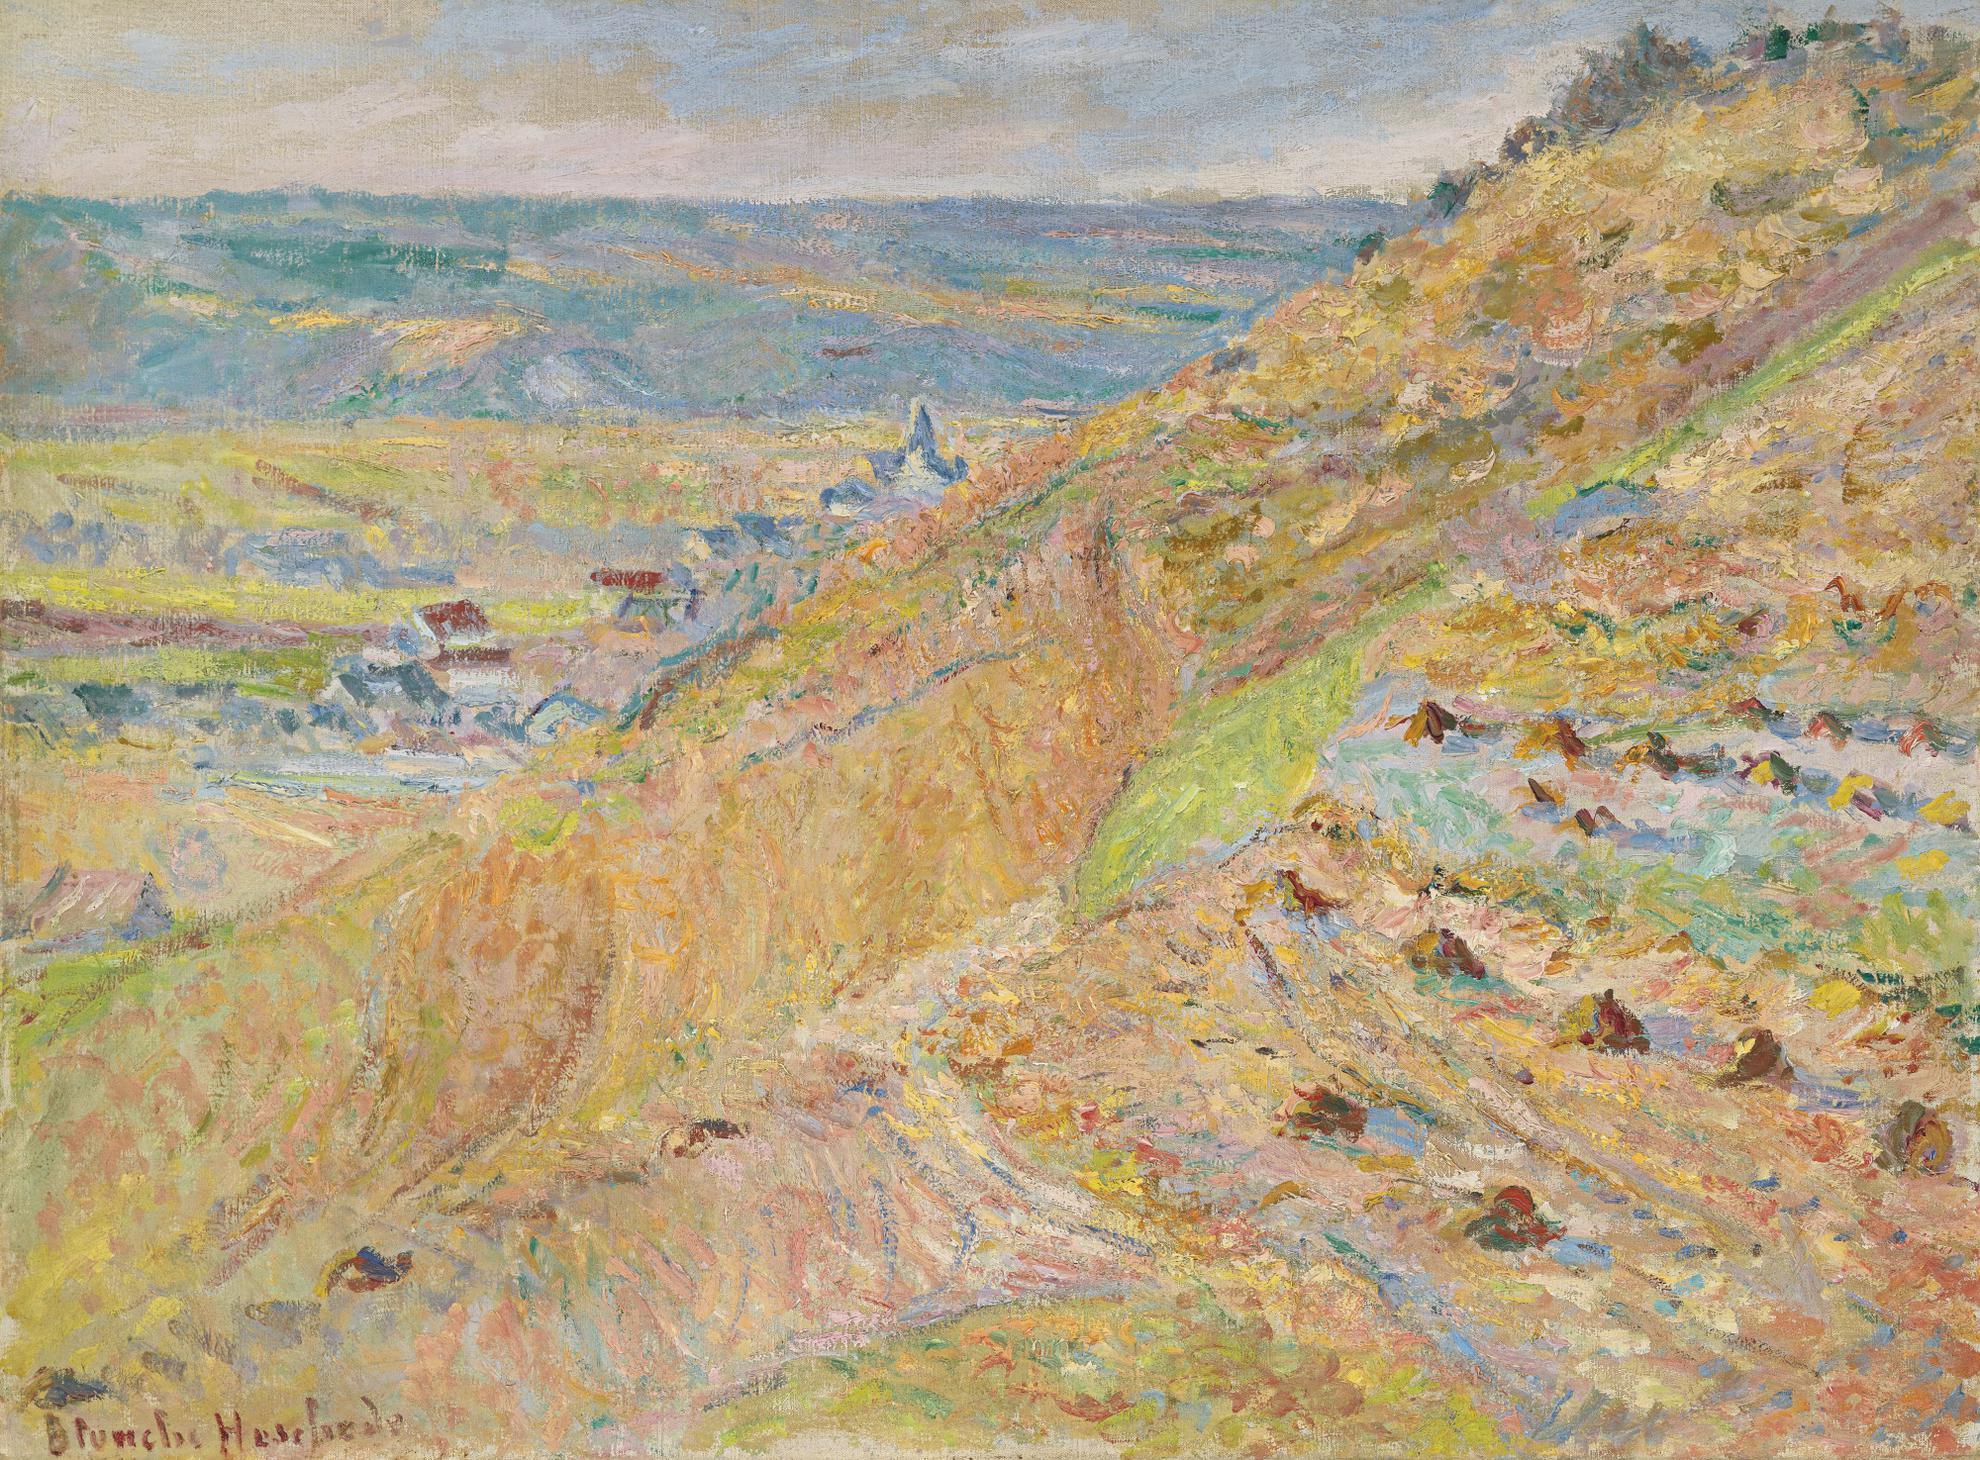 Blanche Hoschede-Monet - La Cote A Giverny (Le Coteau)-